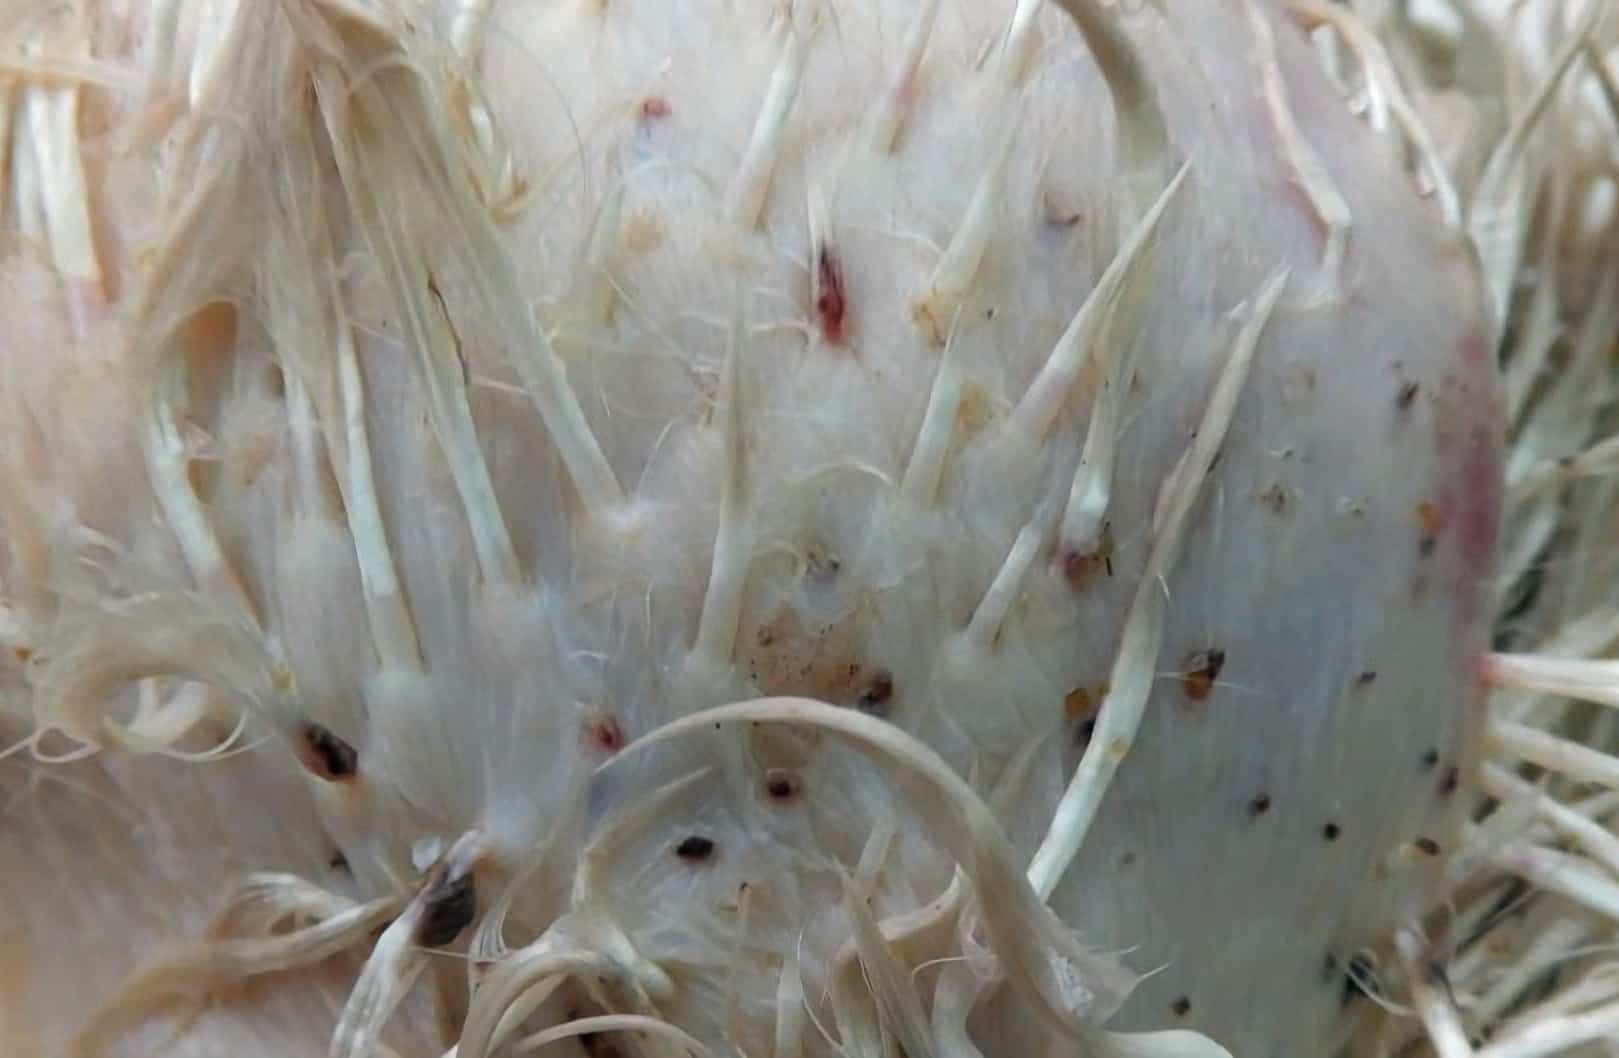 chicken parasites